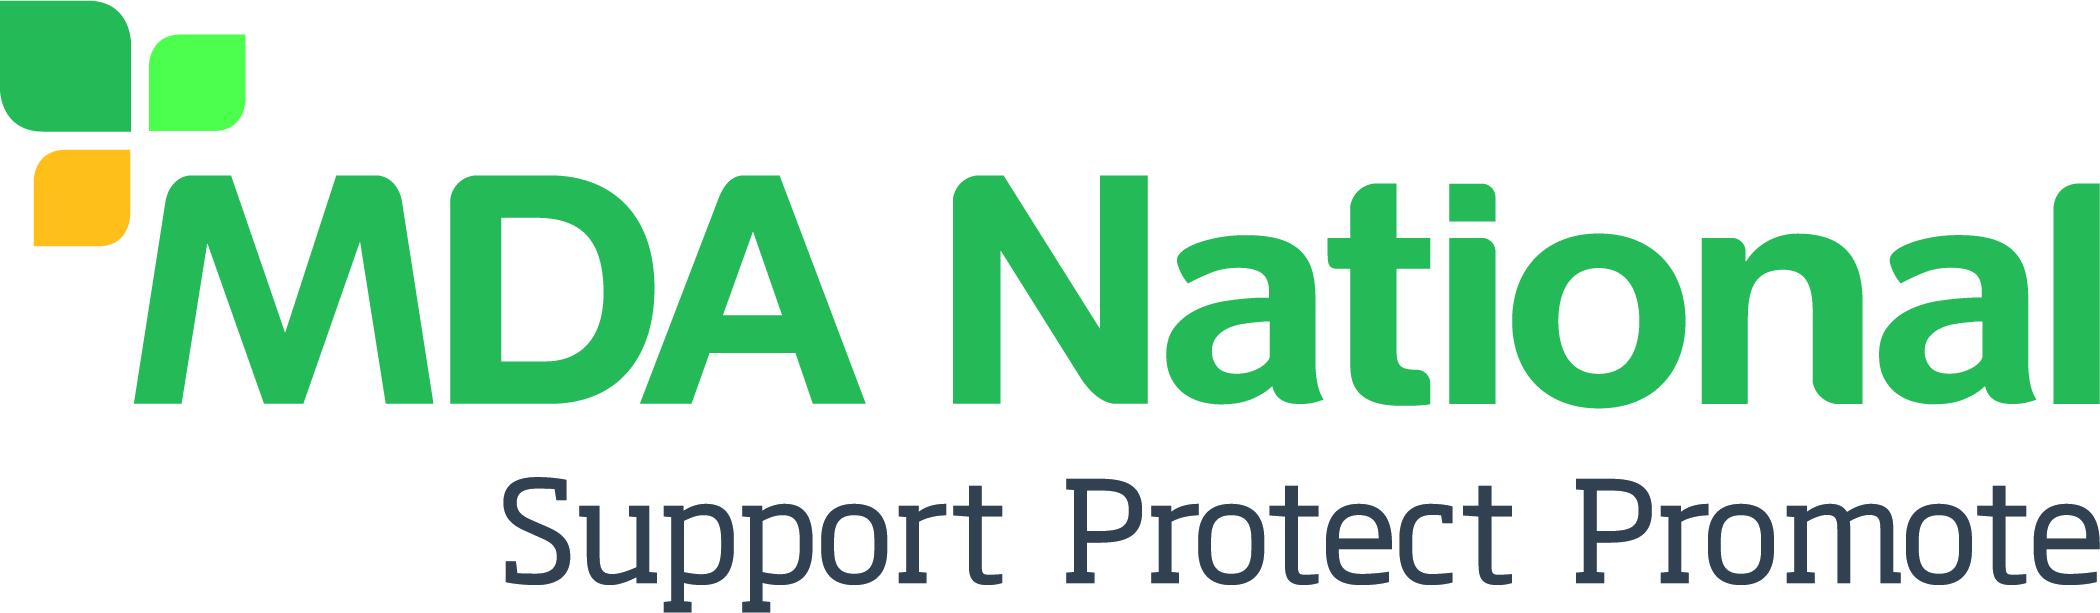 GPSA - GP Supervisors Australia | MDA National